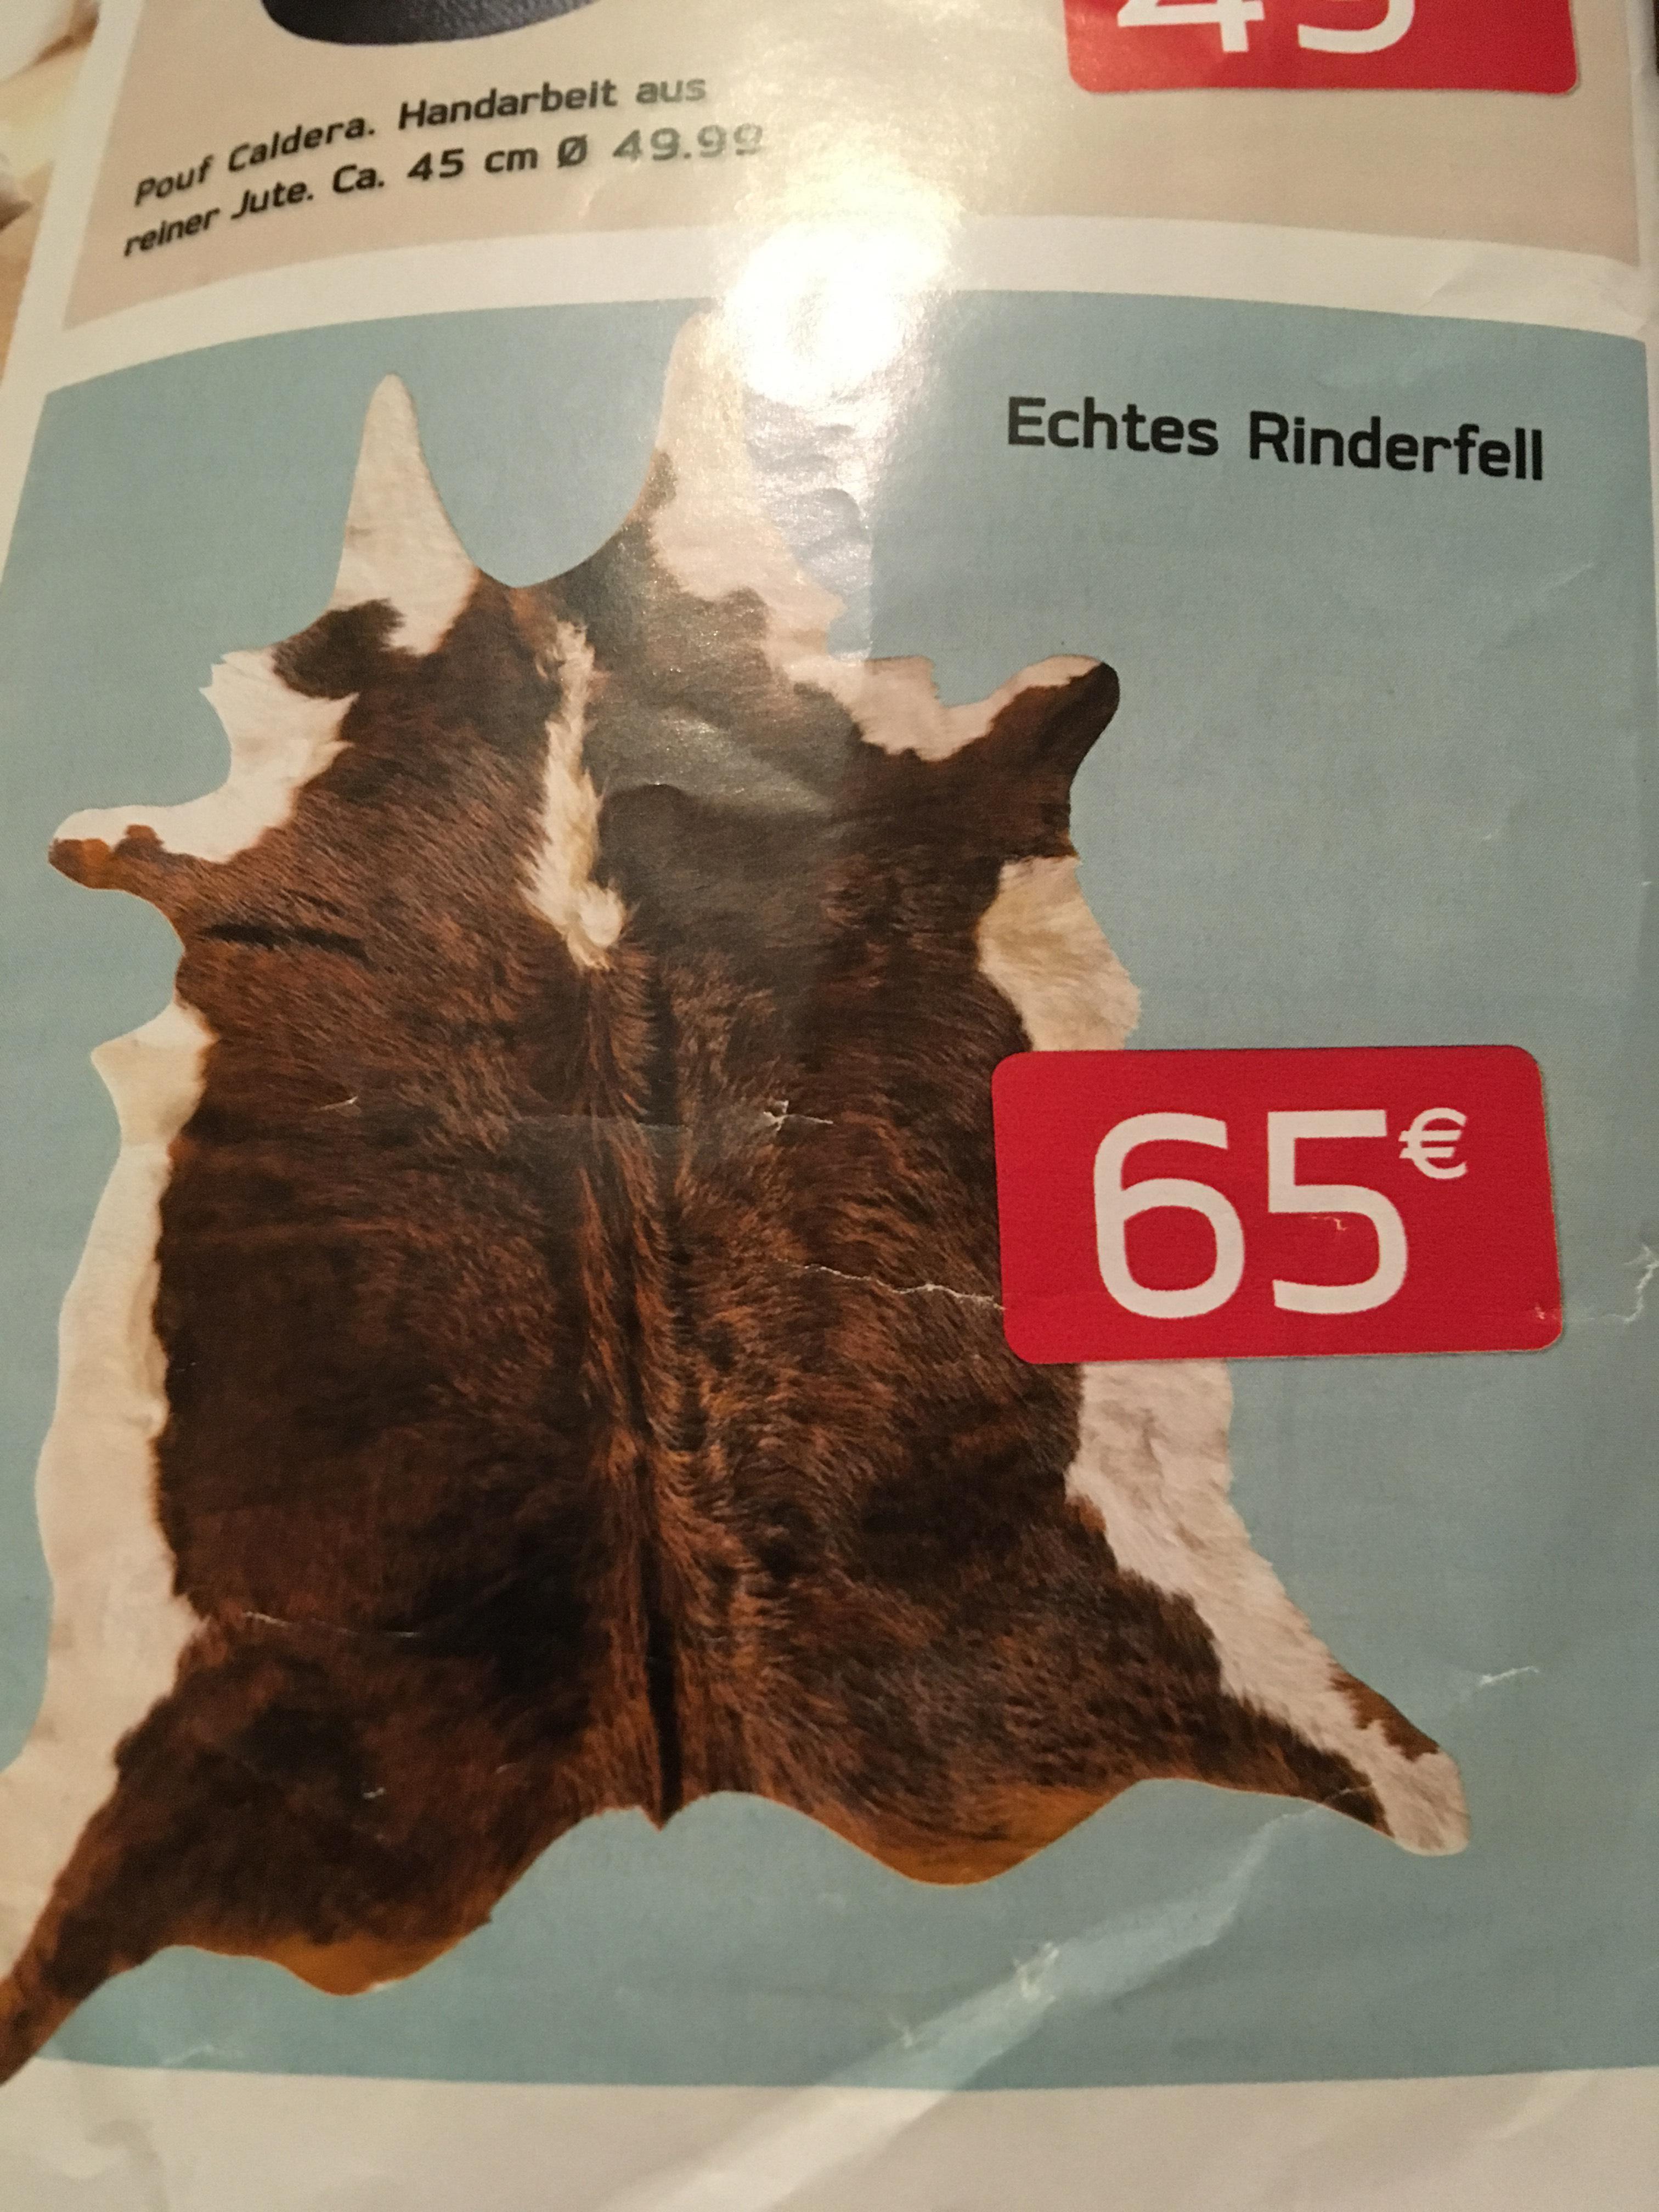 Lokal Kibek (bundesweit) - Echtes Rinderfell / Kuhhaut für 65€